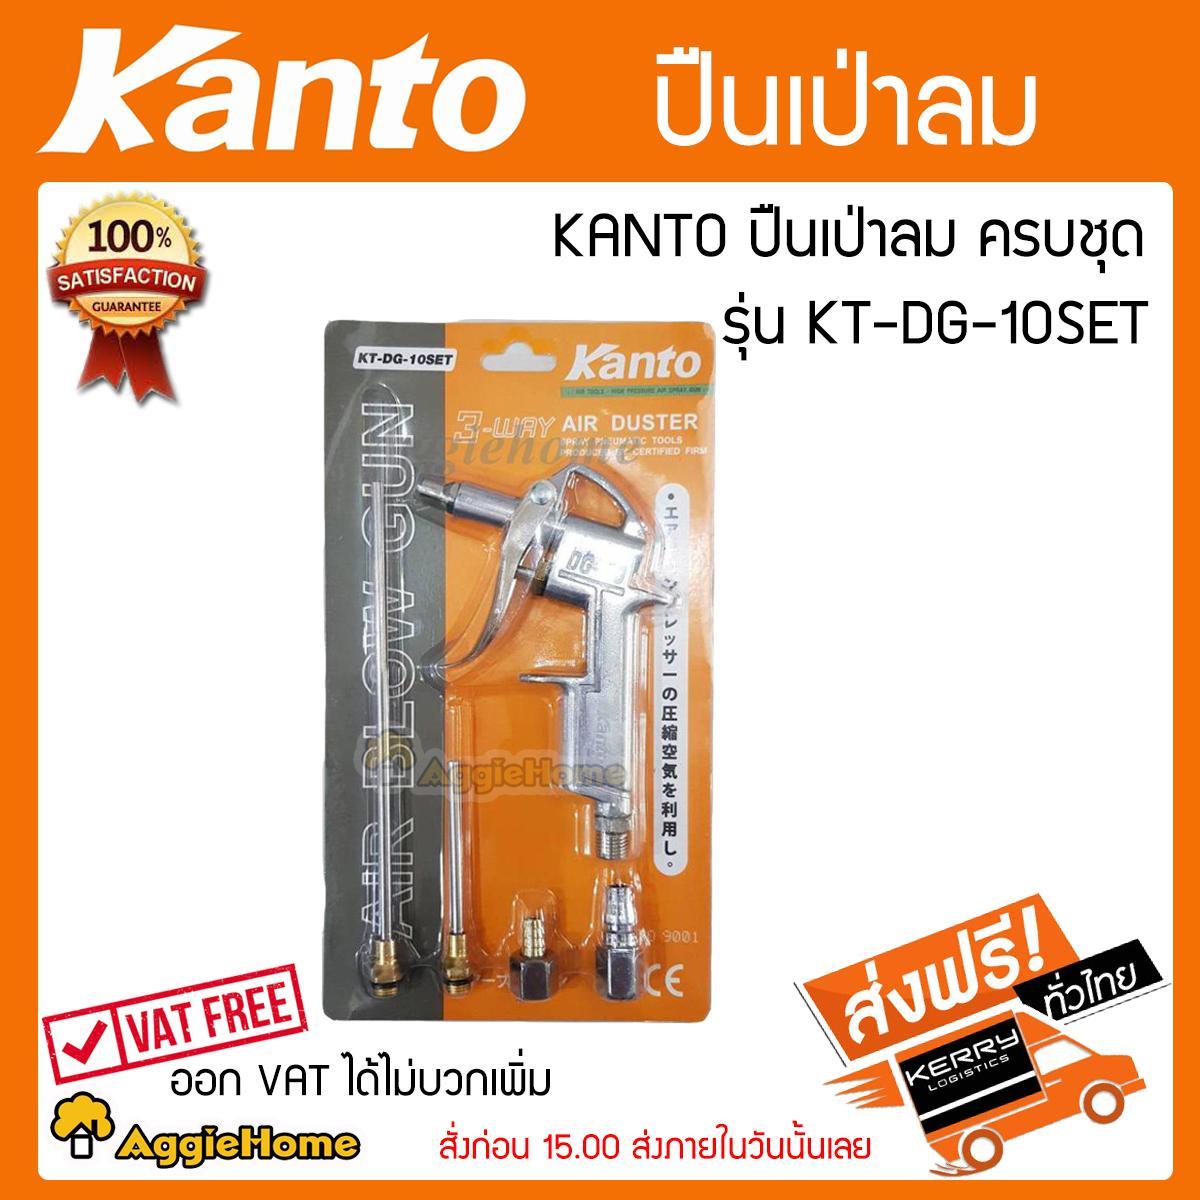 Kanto ปืนเป่าลม อเนกประสงค์ 3 in 1 รุ่น KT-DG-10SET****** จัดส่งฟรี****